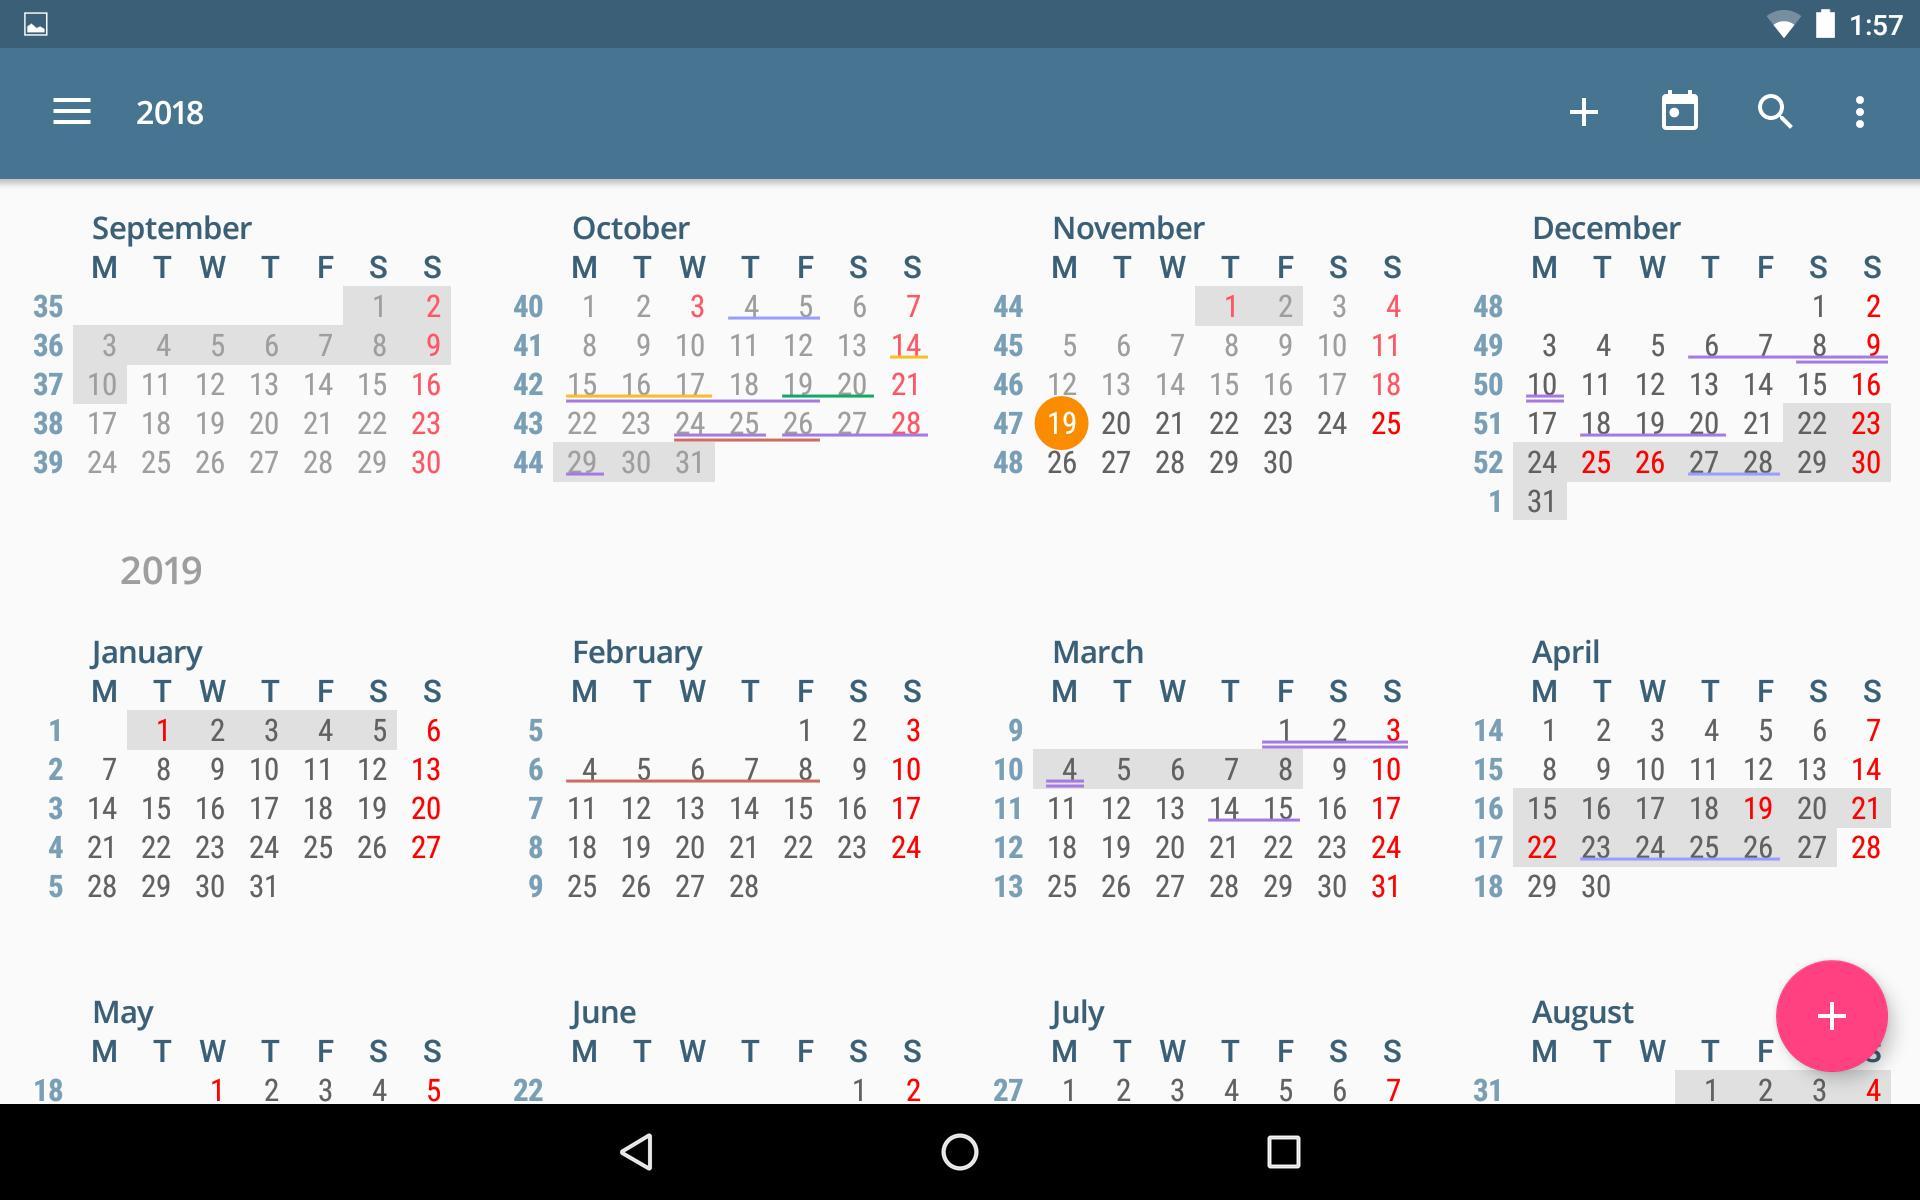 Acalendar Anleitung acalendar für android - apk herunterladen